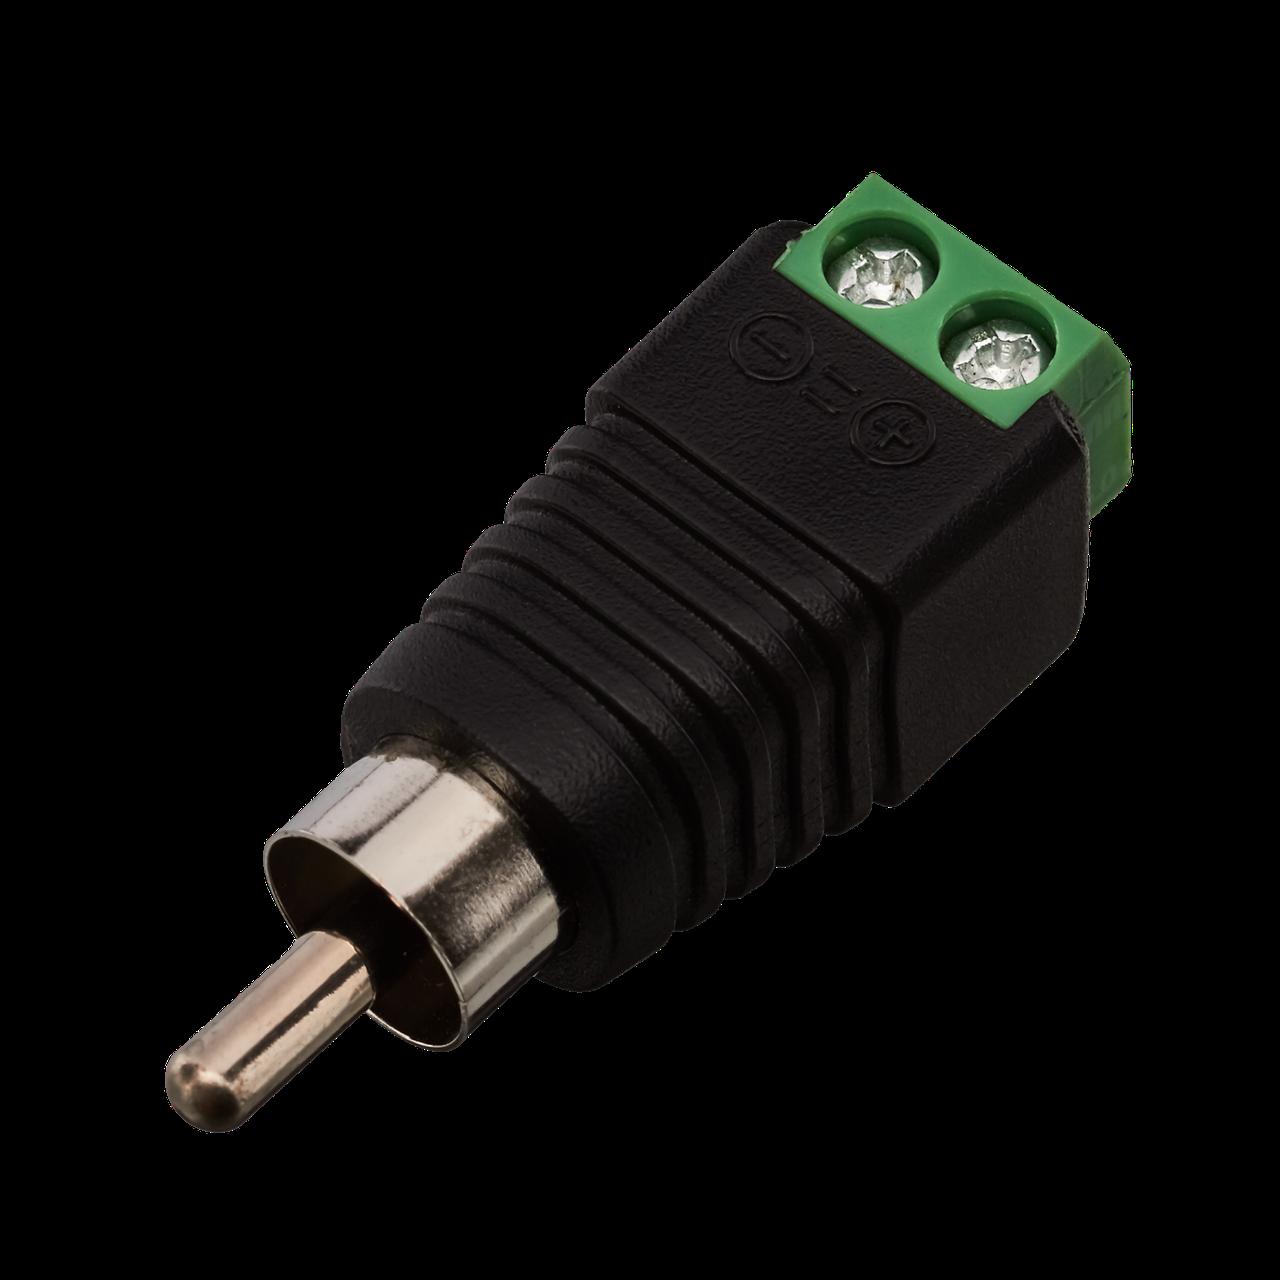 Коннектор для передачи аудио и видеосигнала Green Vision GV RCA/M (male) (1уп =10шт)